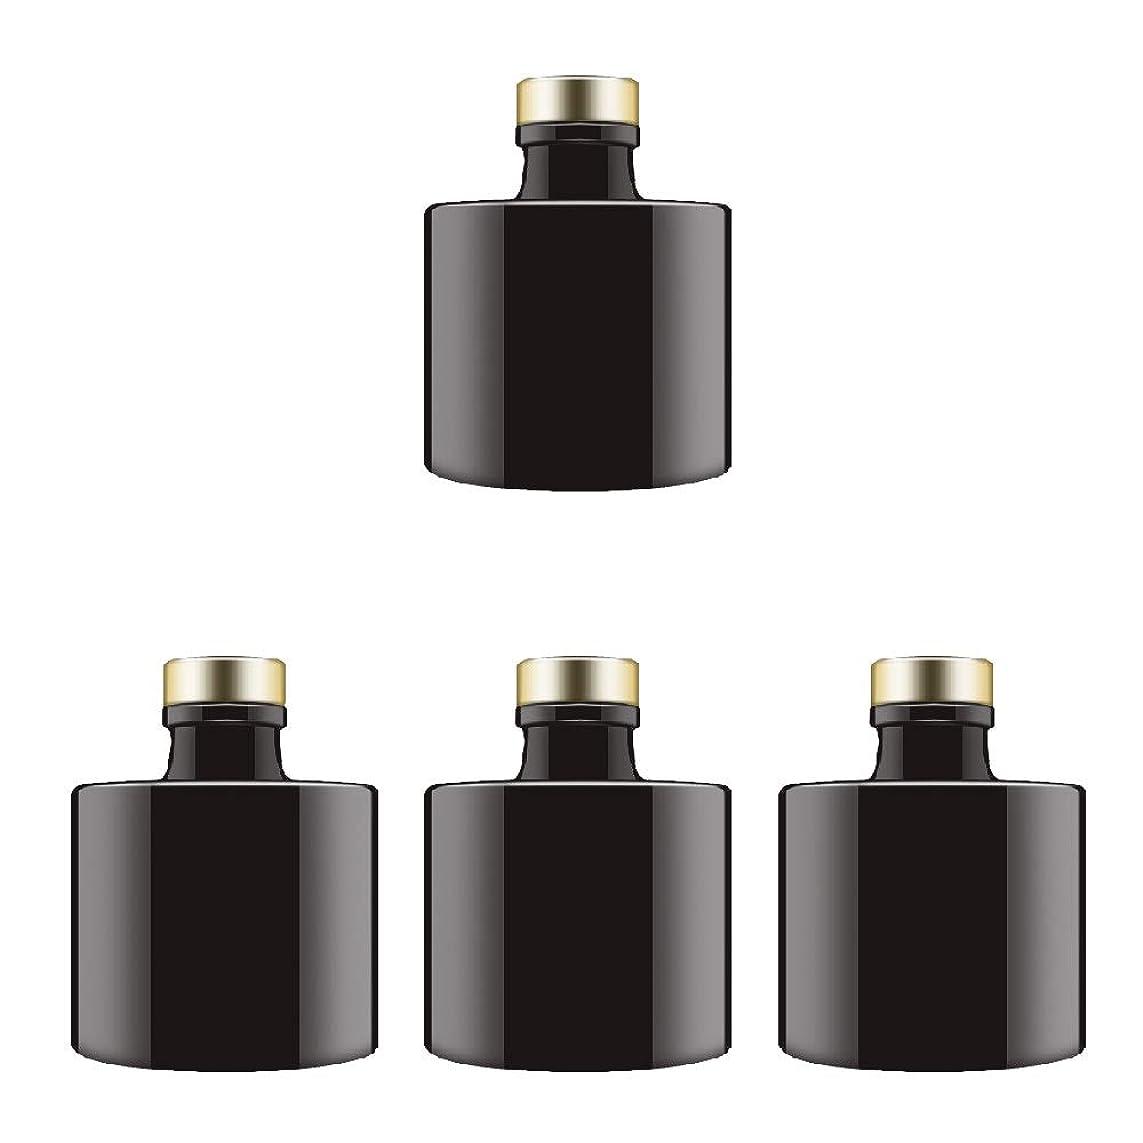 遠い調停者トラクターFeel フレグランスブラックガラスディフューザーボトル ラウンドディフューザージャー ゴールドキャップ付き 4個セット 高さ2.95インチ 100ml 3.4オンス フレグランスアクセサリー DIY交換用リードディフューザーセットに使用。